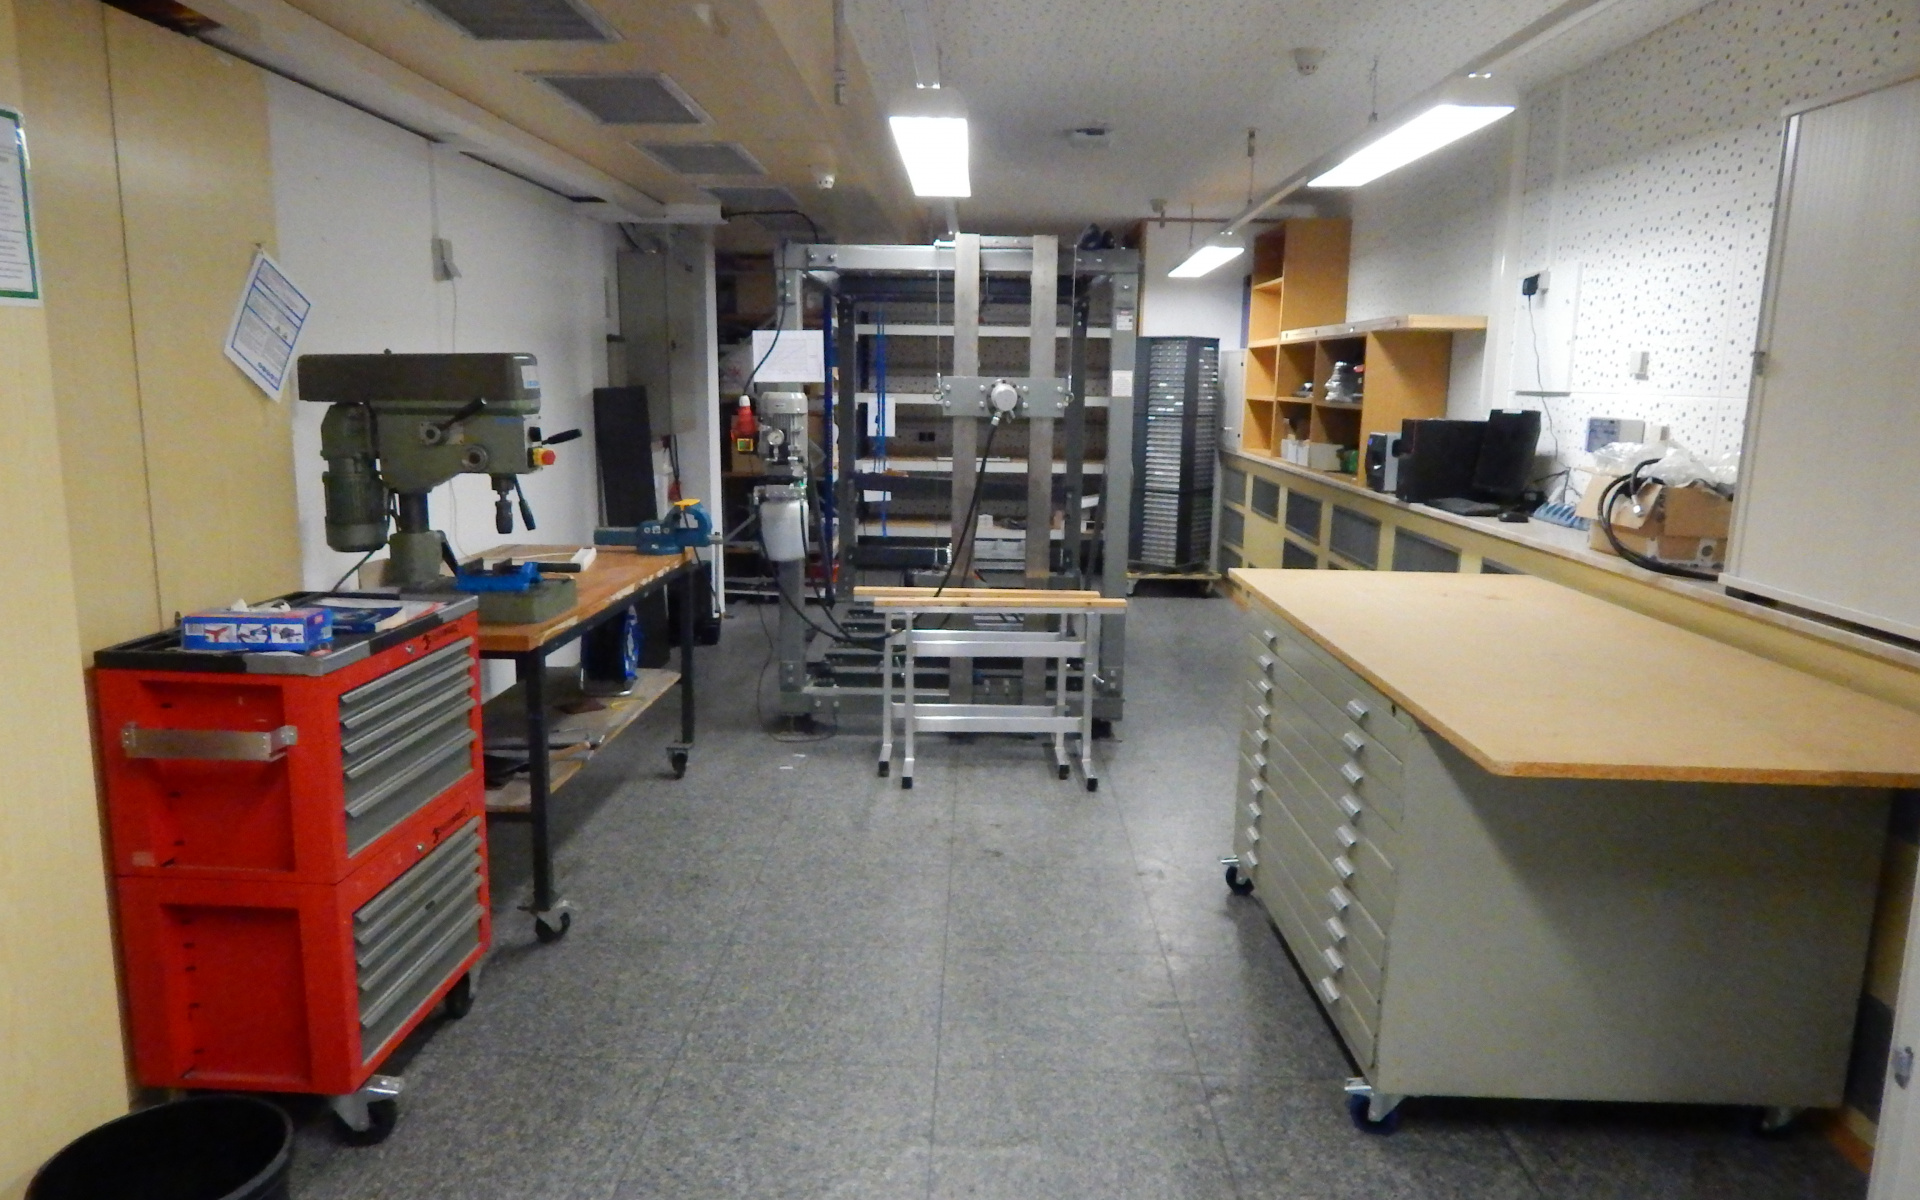 Blick ins Labor des Fachbereichs Part-21. Hier werden die Entwicklungen ausgiebig getestet.